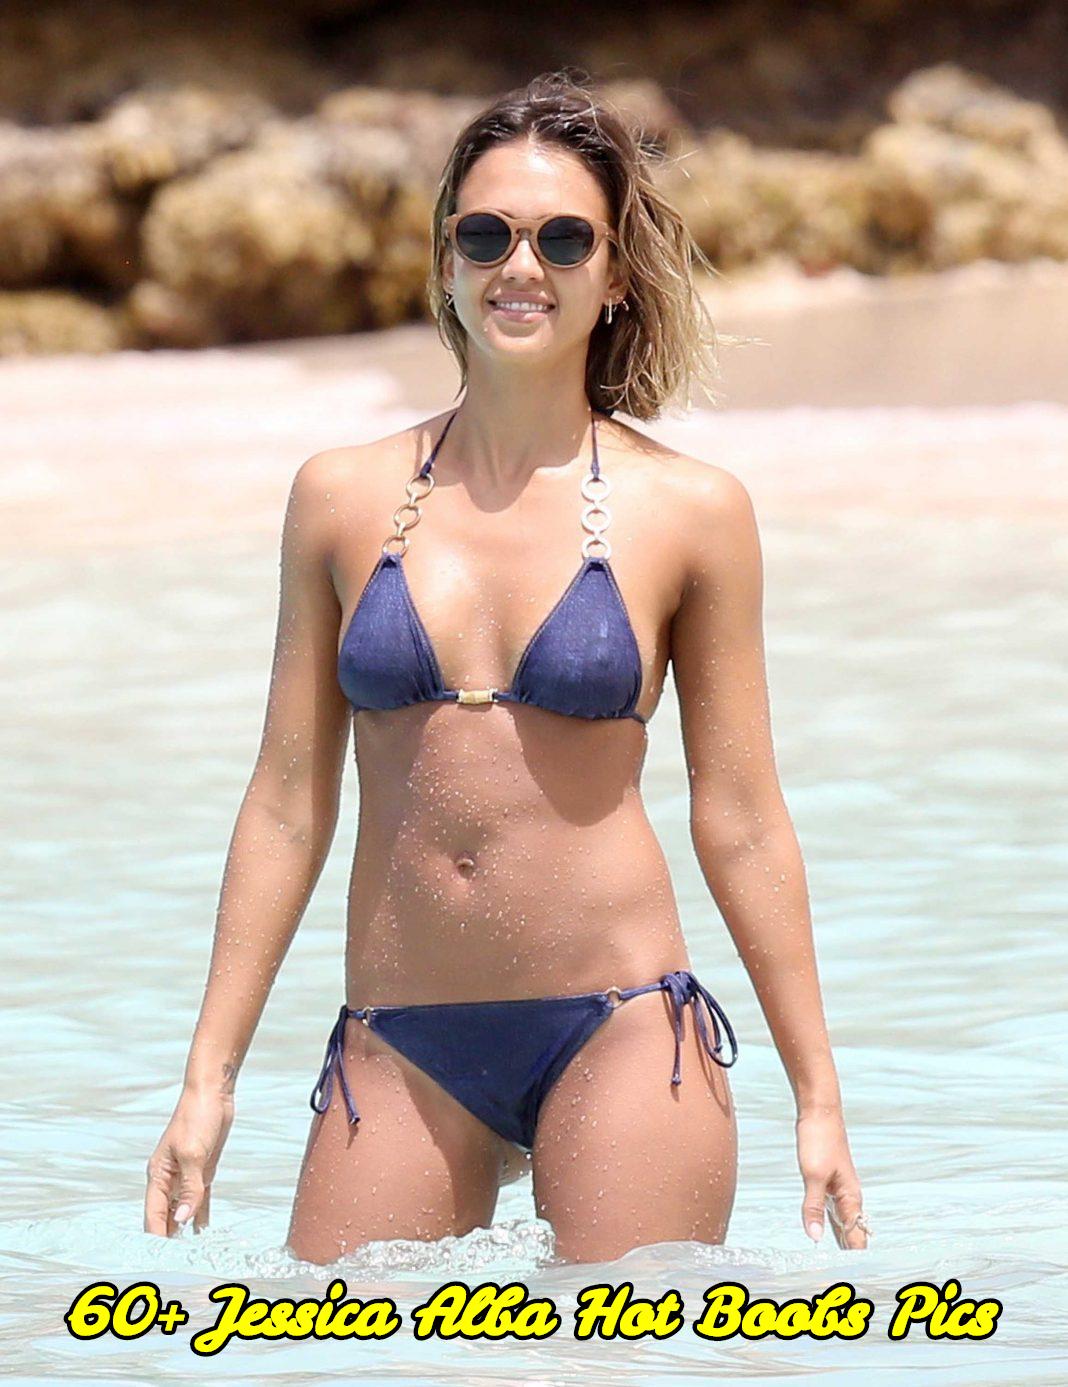 Jessica Alba hot boobs pics